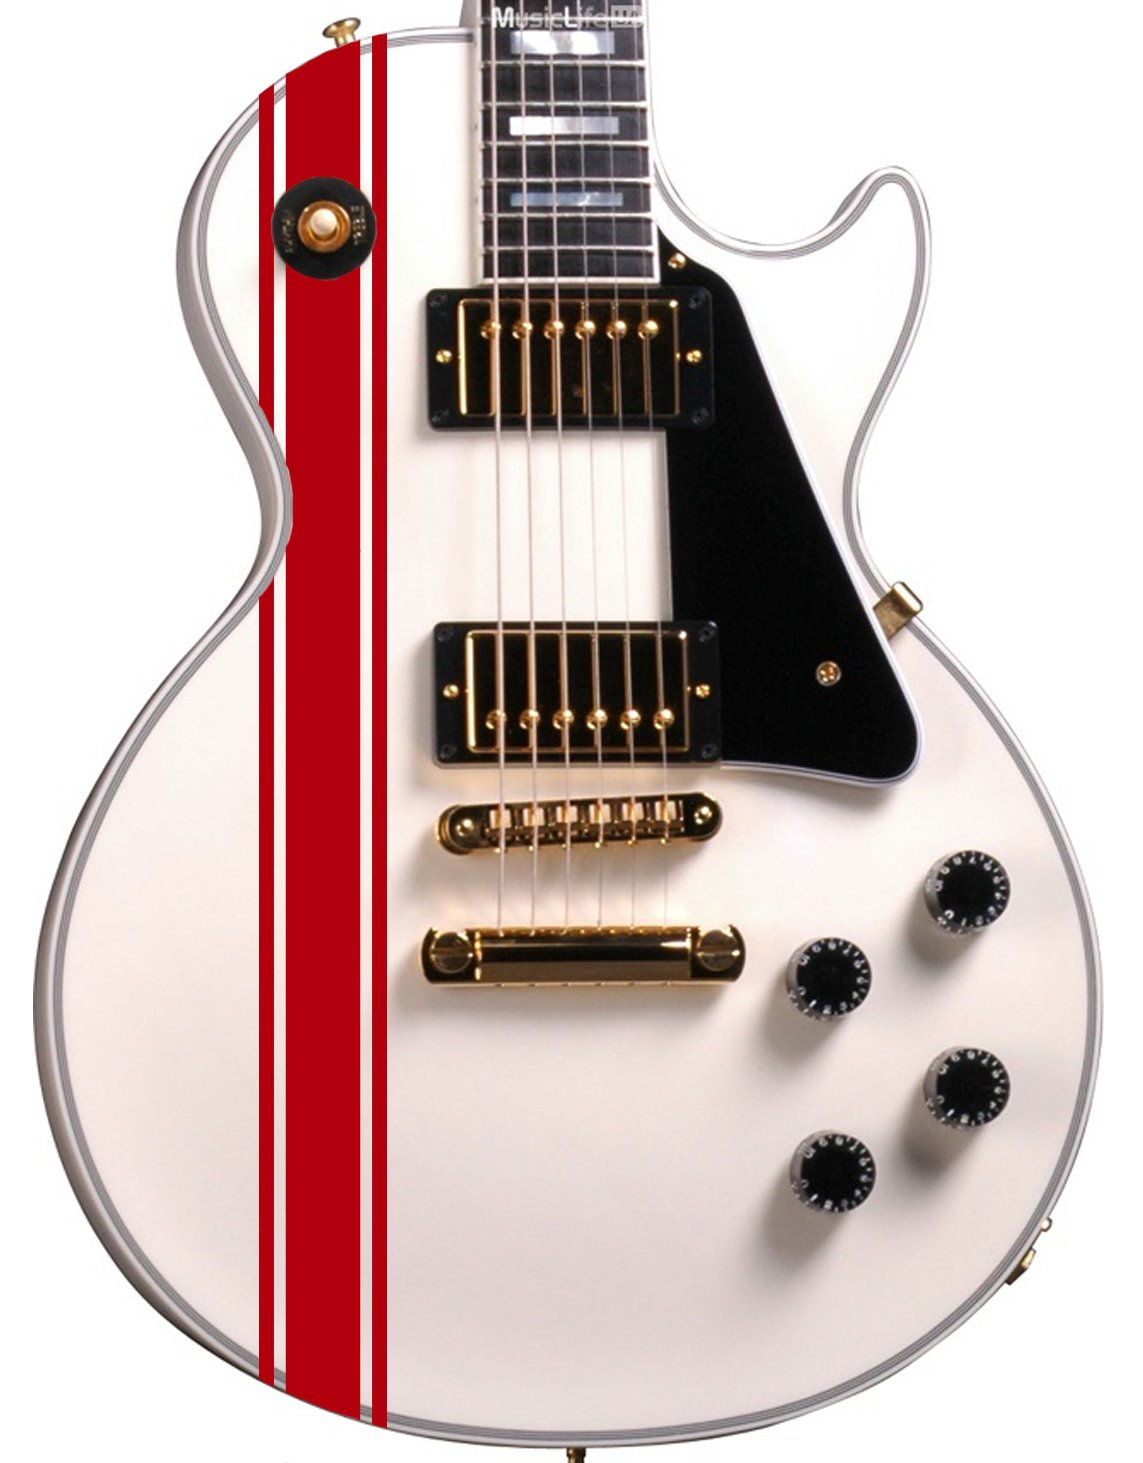 Designdivil Wall Art Paquete de Pegatinas Personalizadas para Guitarra o bajo, diseño de Rayas de Carreras, se Adapta a Todos los Guitarras, ...